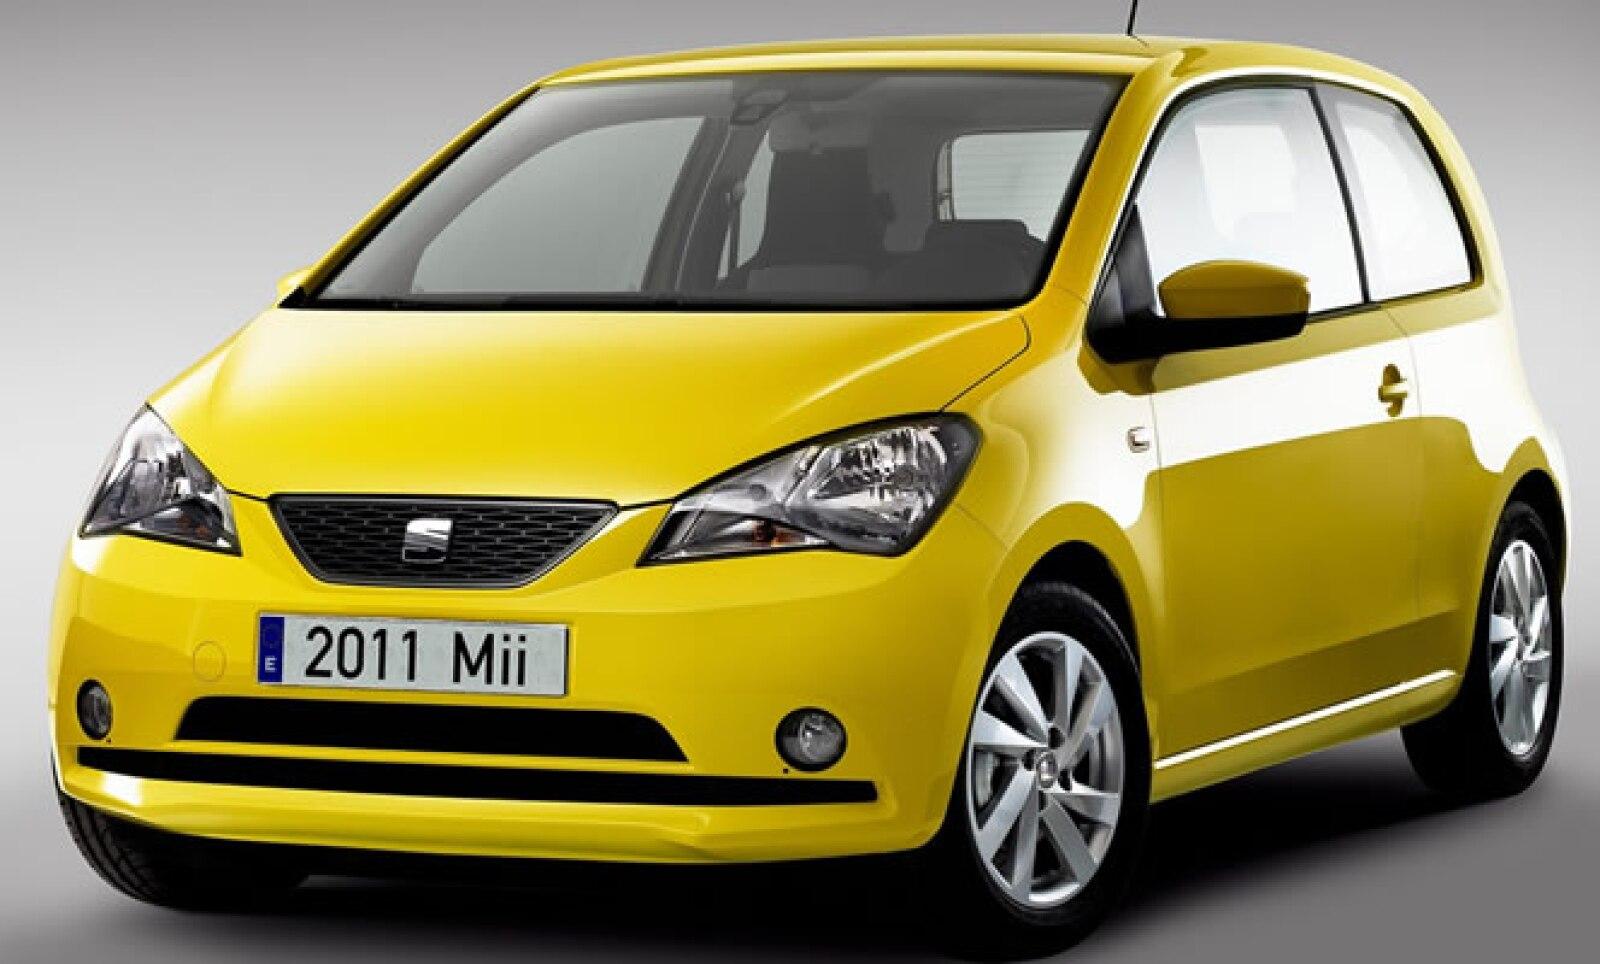 Seat presentó oficialmente su nuevo compacto de aspecto juvenil, que toma forma de las líneas estéticas de otros modelos citadinos del Grupo Volkswagen, al que pertenece la firma española.